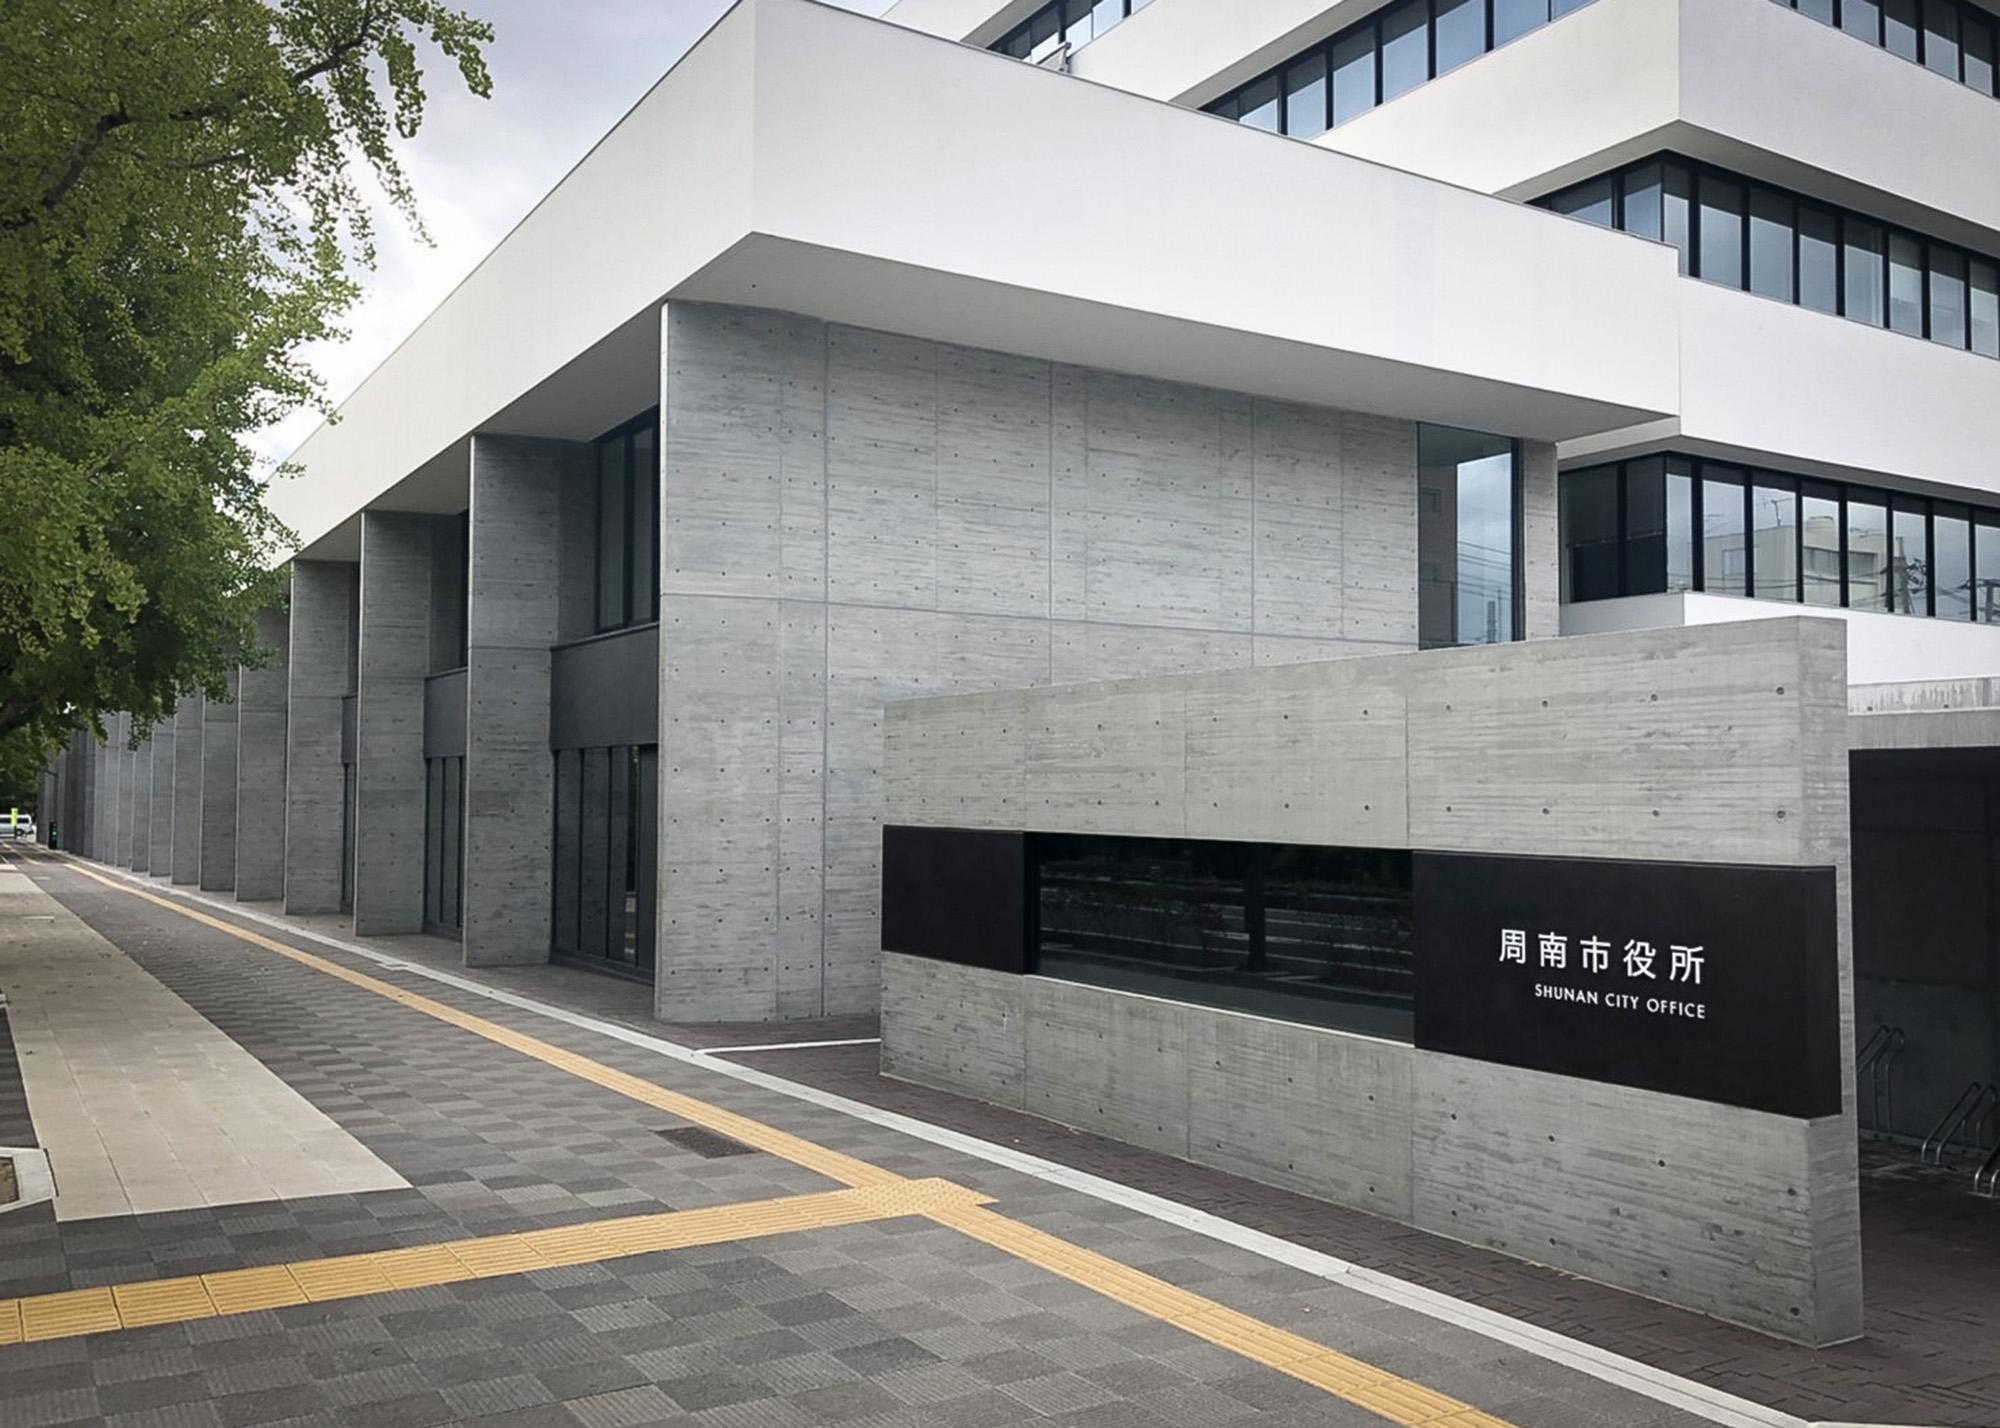 周南市役所新庁舎